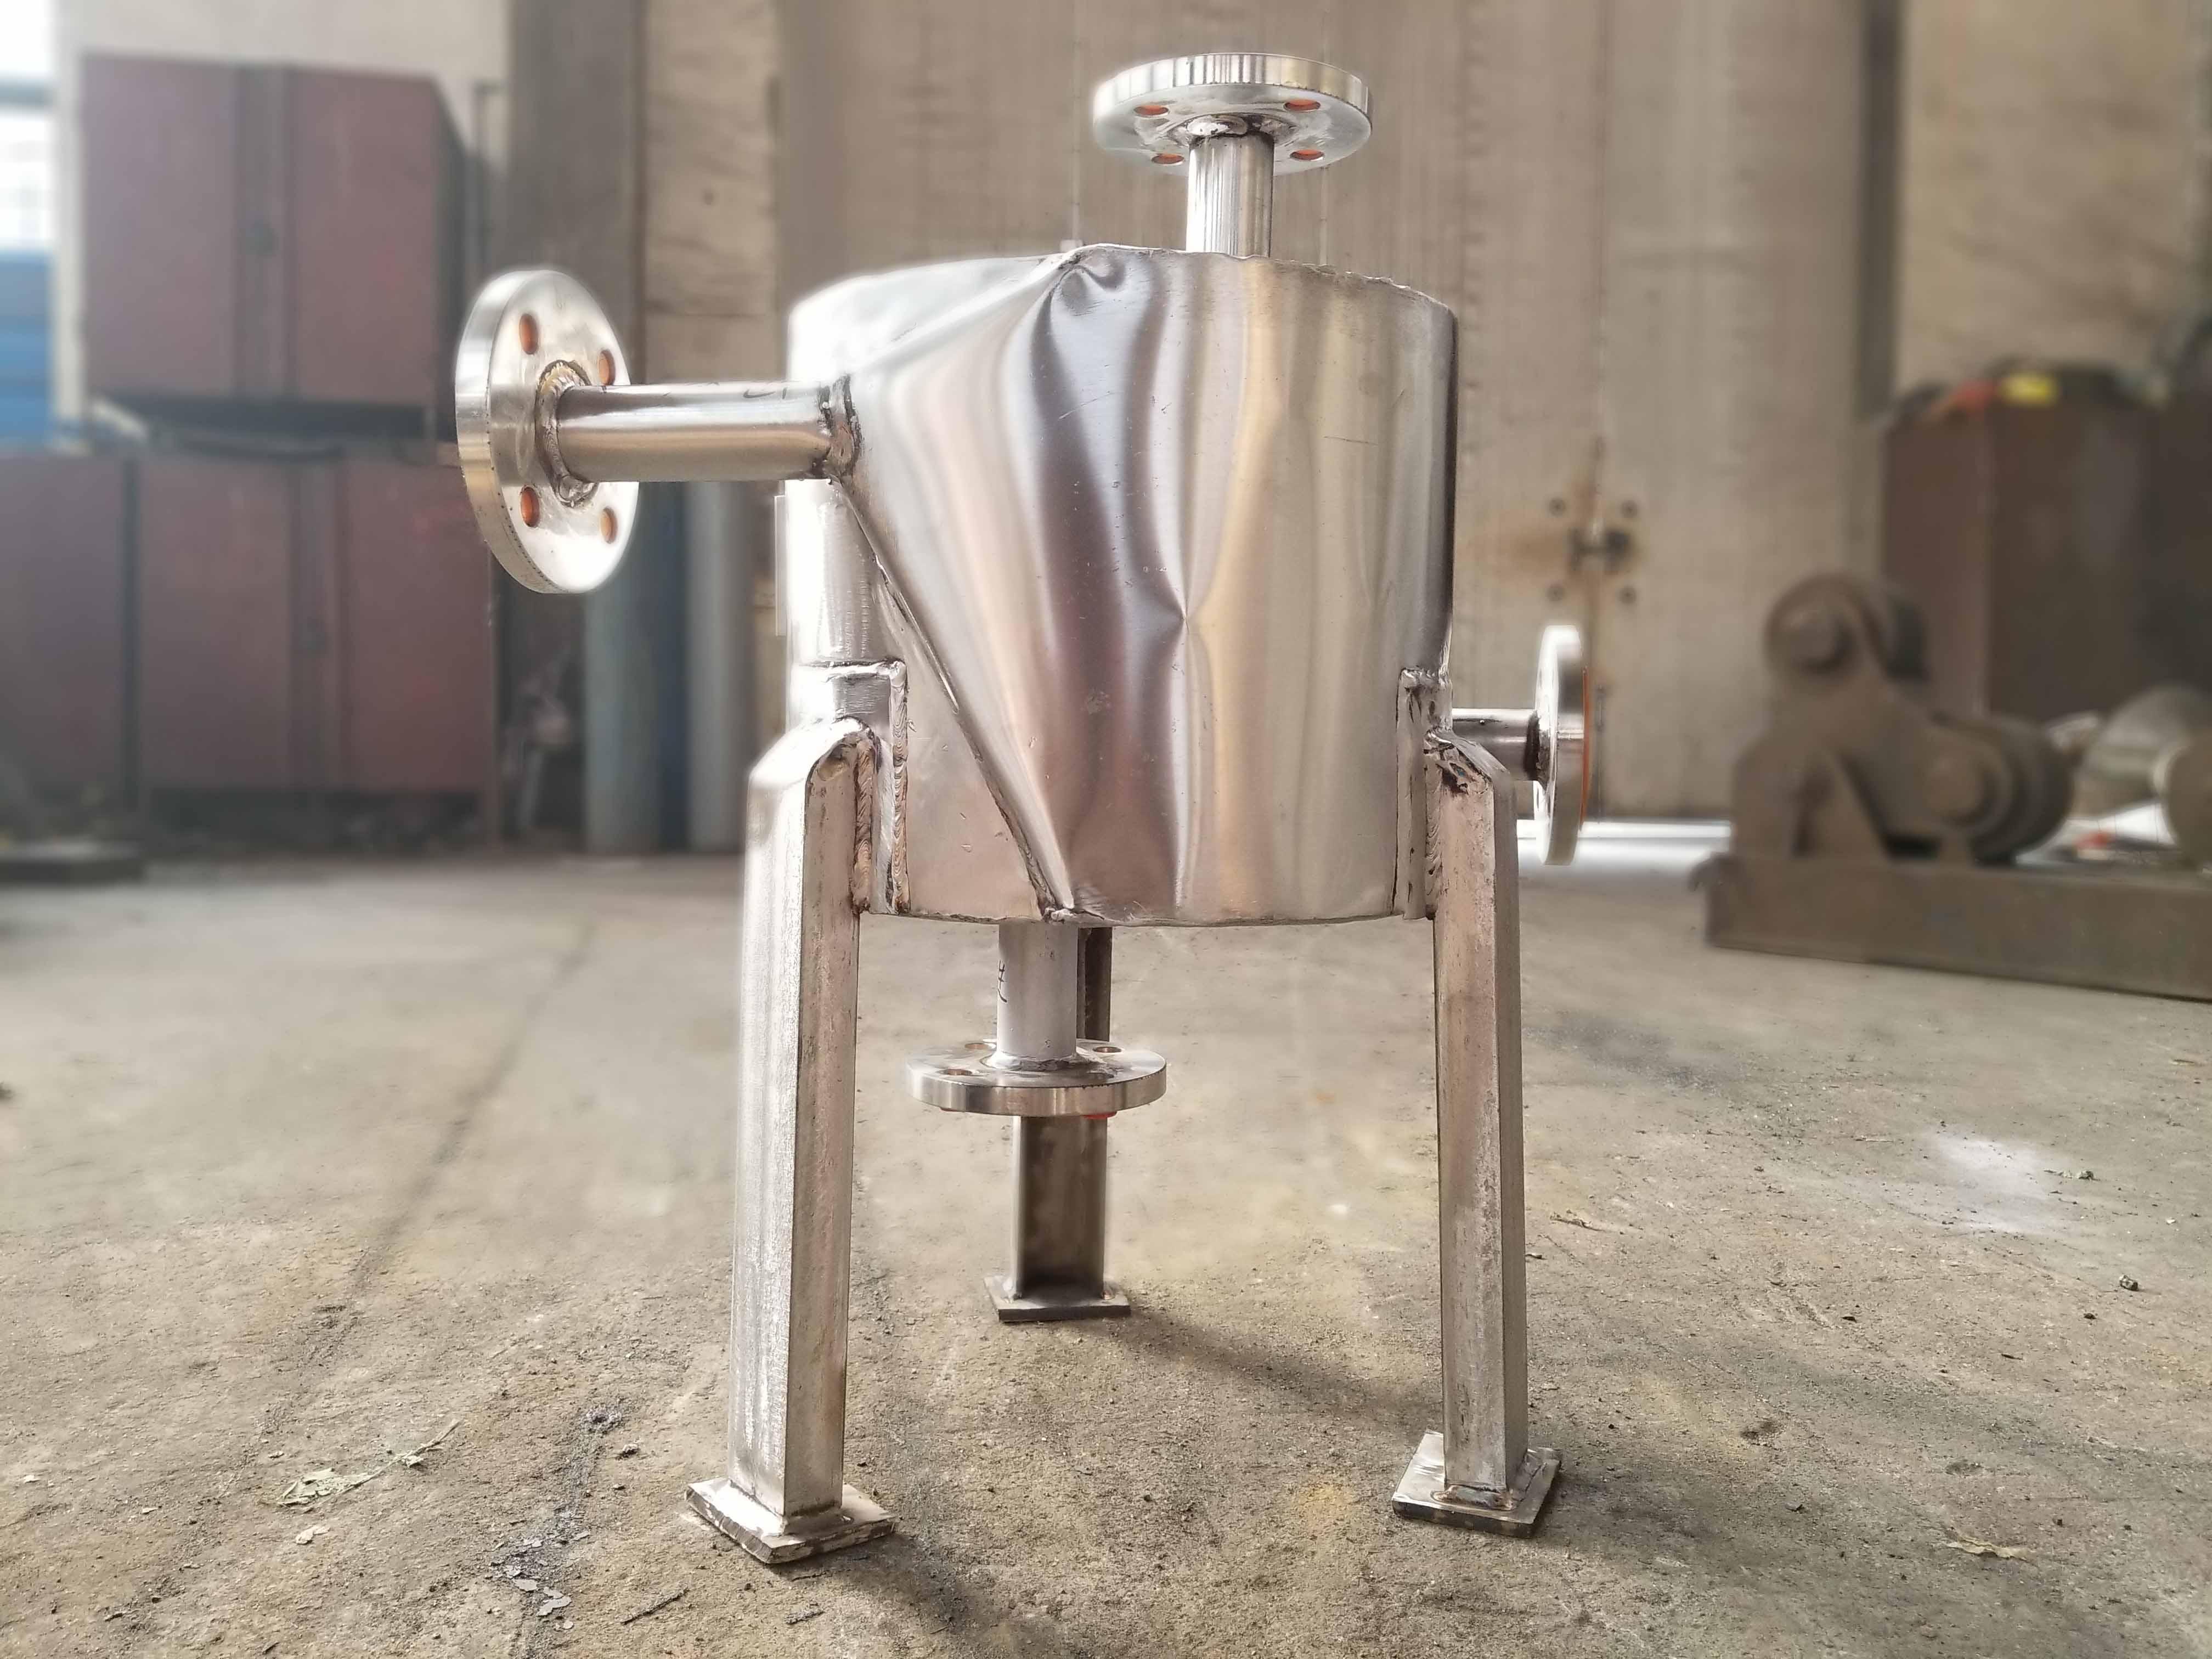 滨湖区知名螺旋板换热器制造厂家,螺旋板换热器